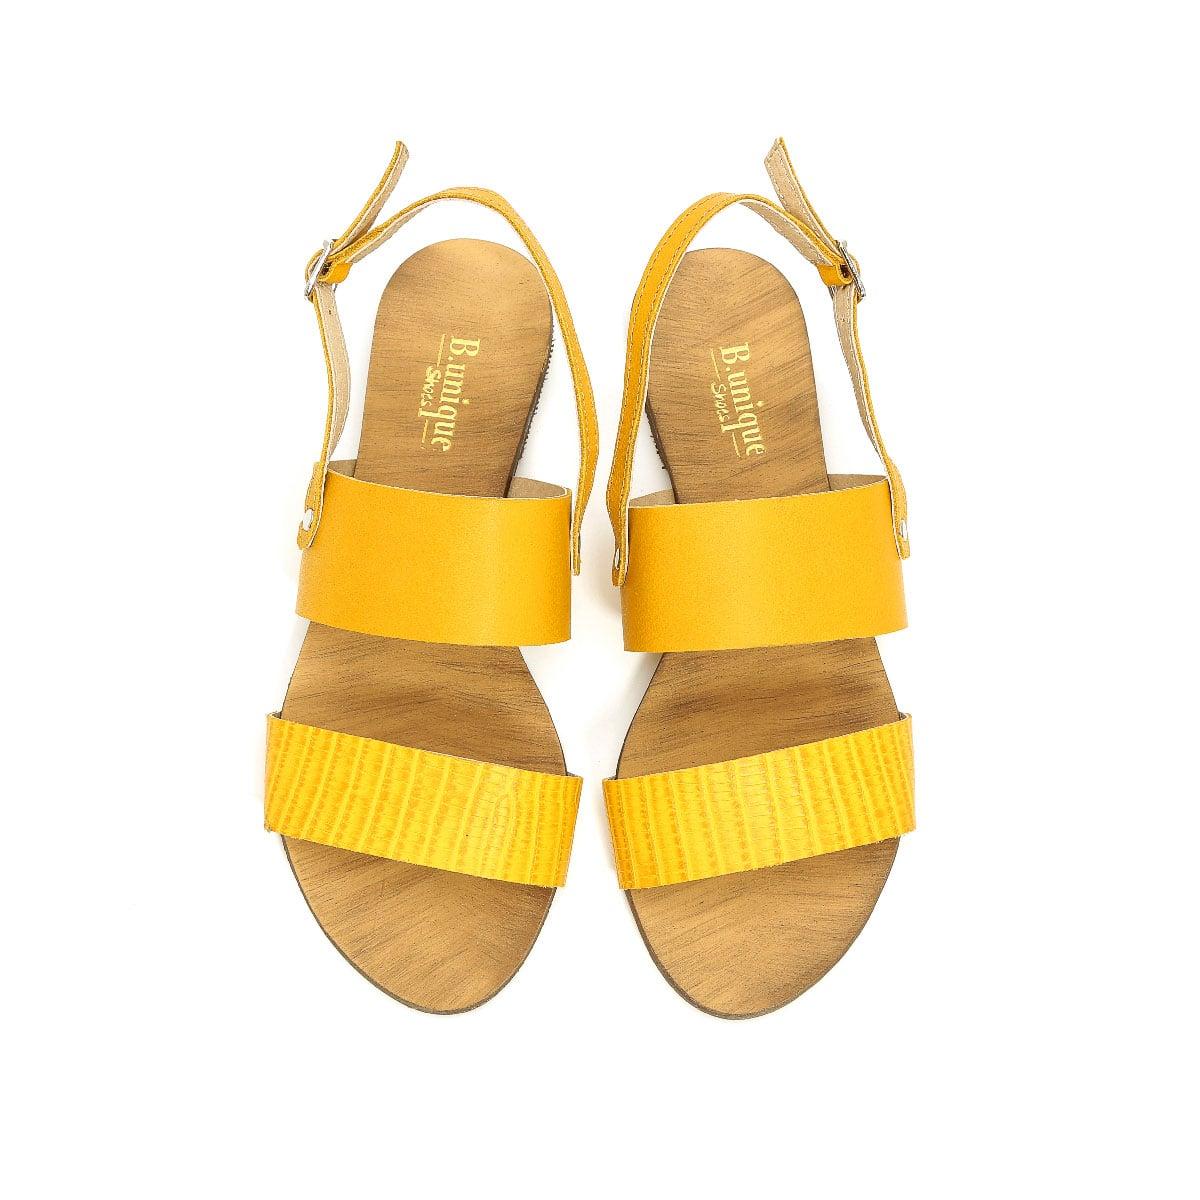 דגם ורד: סנדלים לנשים בצבע צהוב